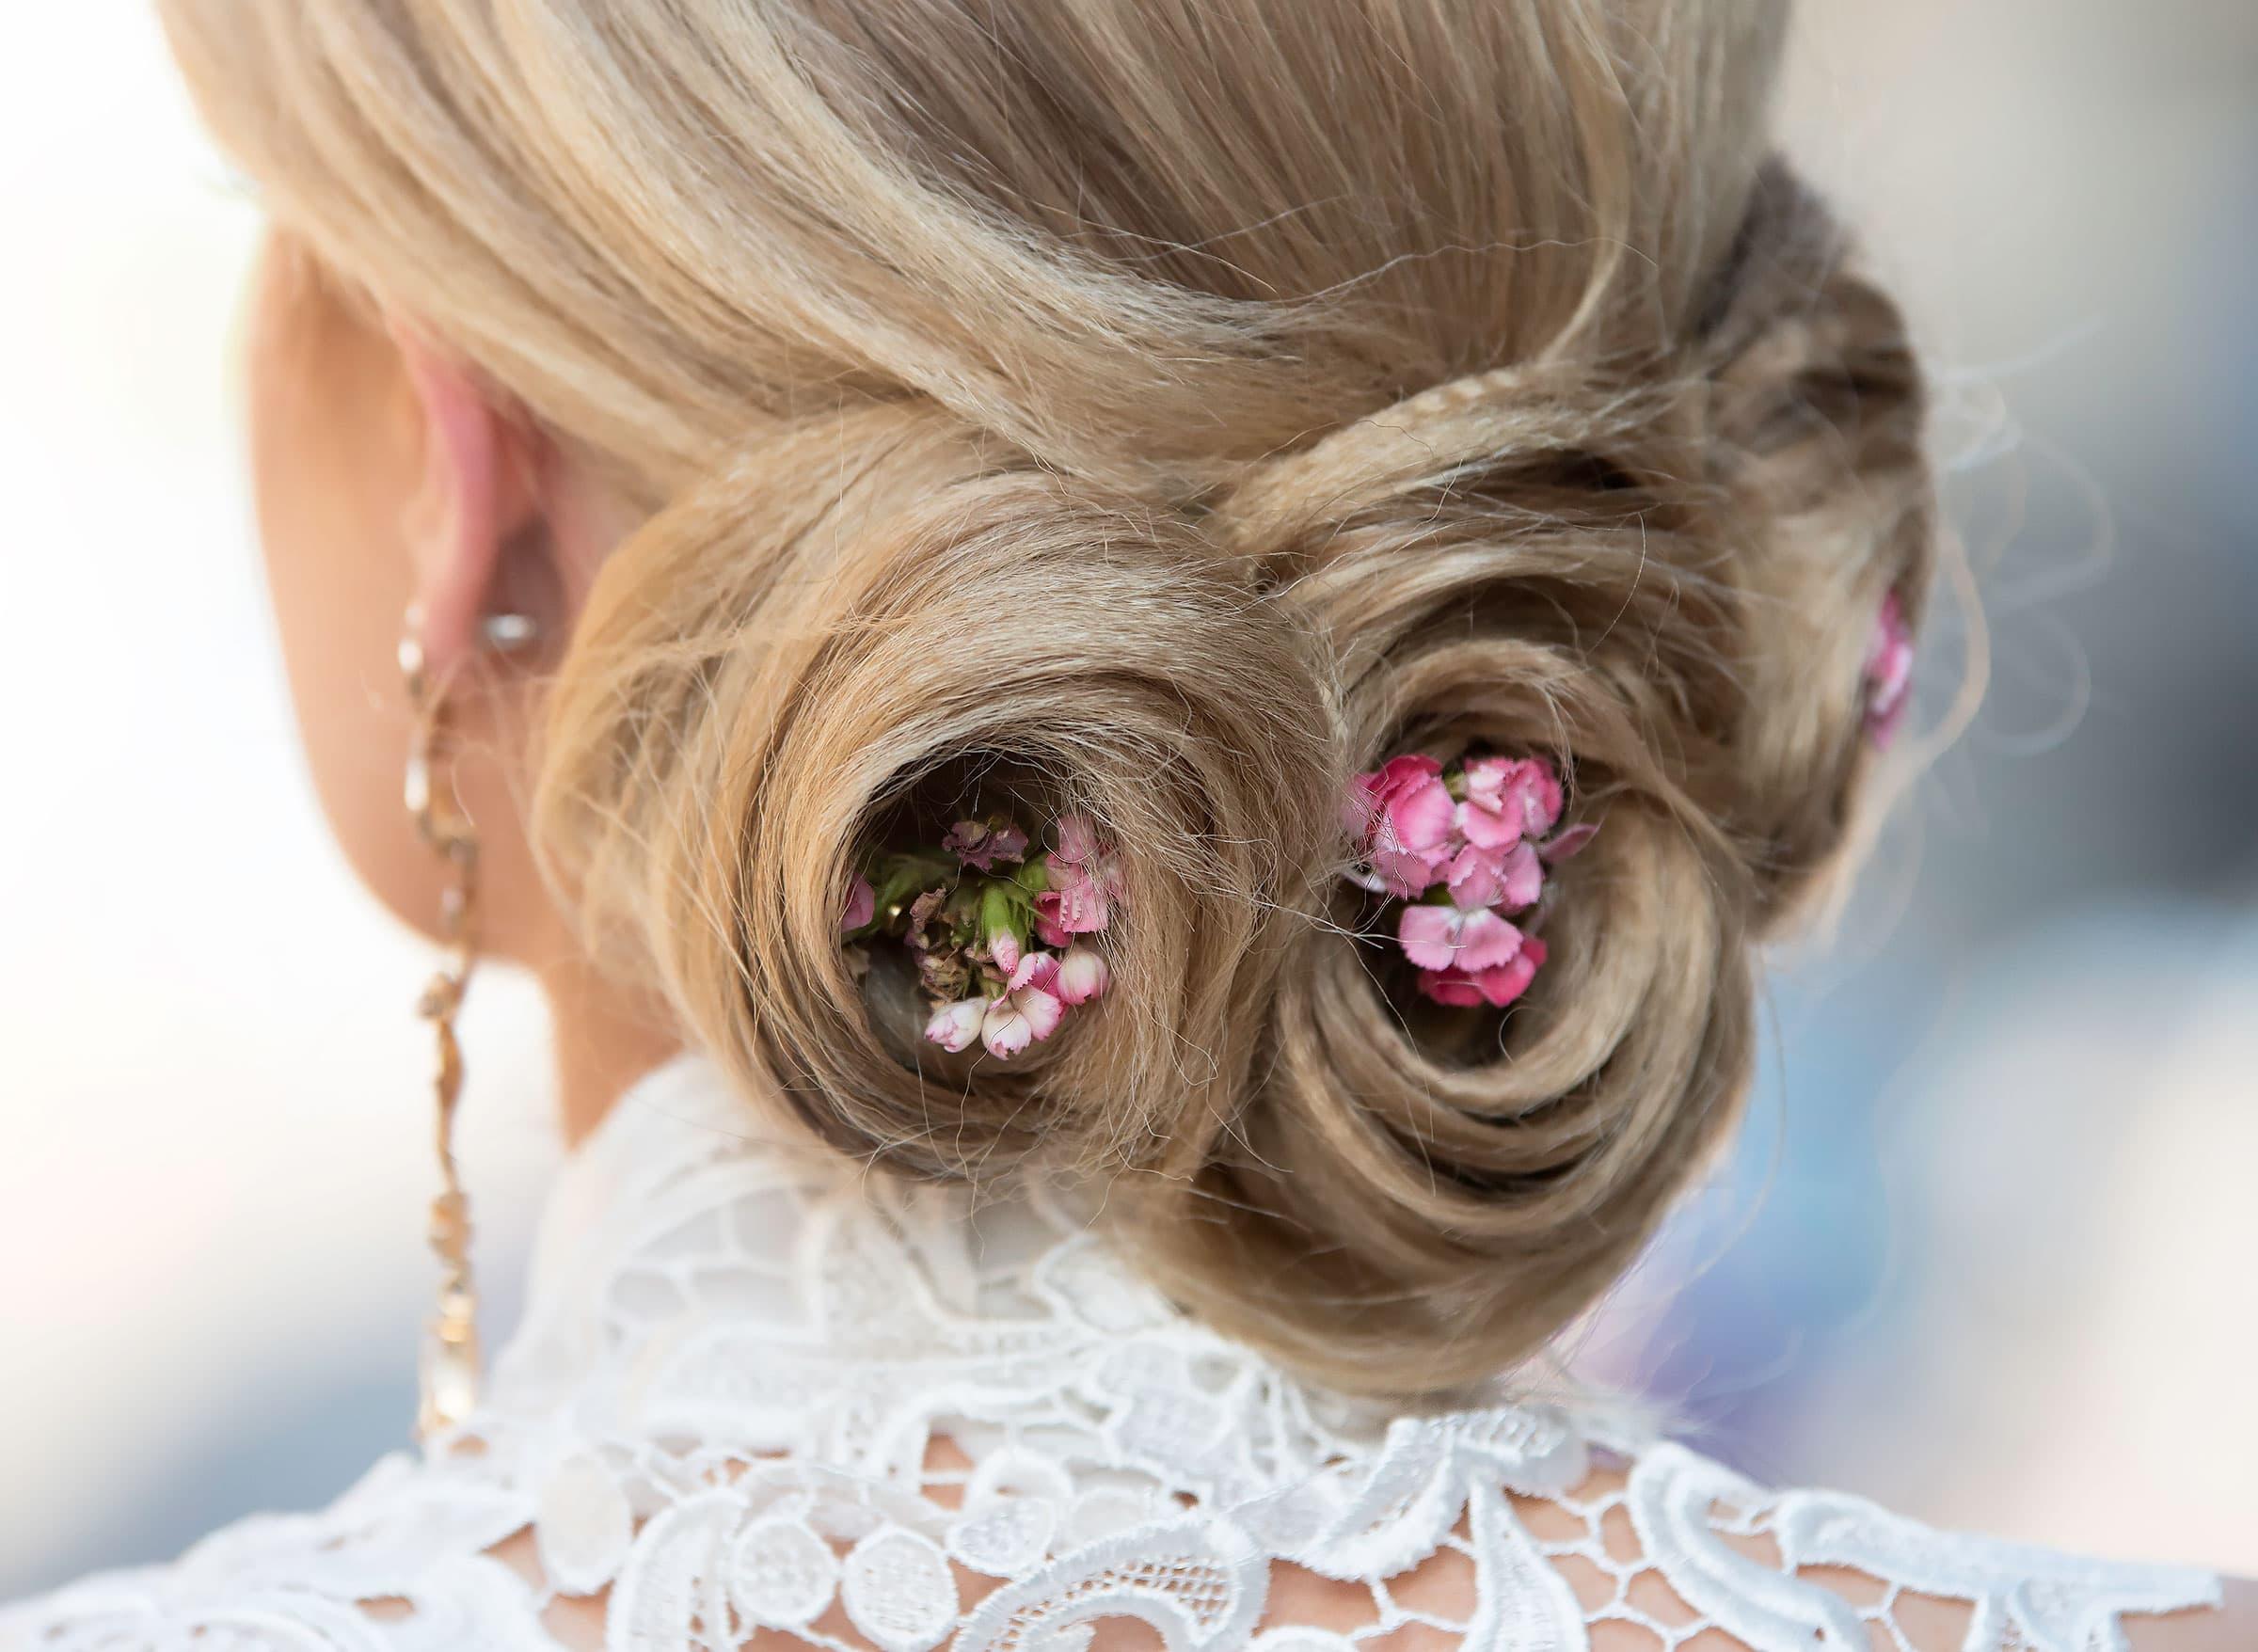 8a7f7b1a4e1 Inför bröllopet: här hittar du frisörer som är bra på bruduppsättningar i  Stockholm